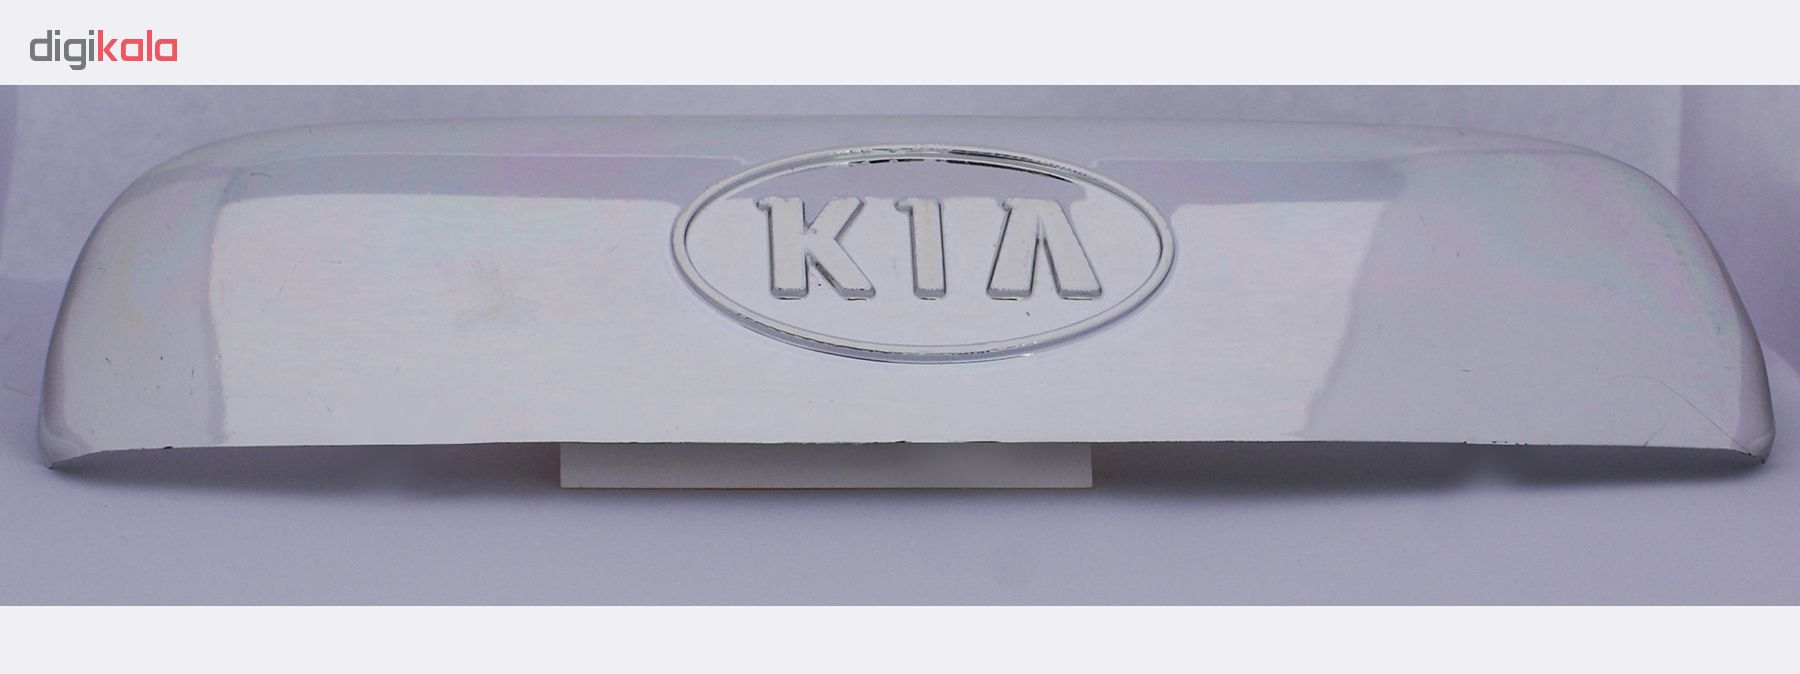 قاب روی  دستگیره بیلگین مدل KBIL01 مناسب برای پراید بسته 4 عددی